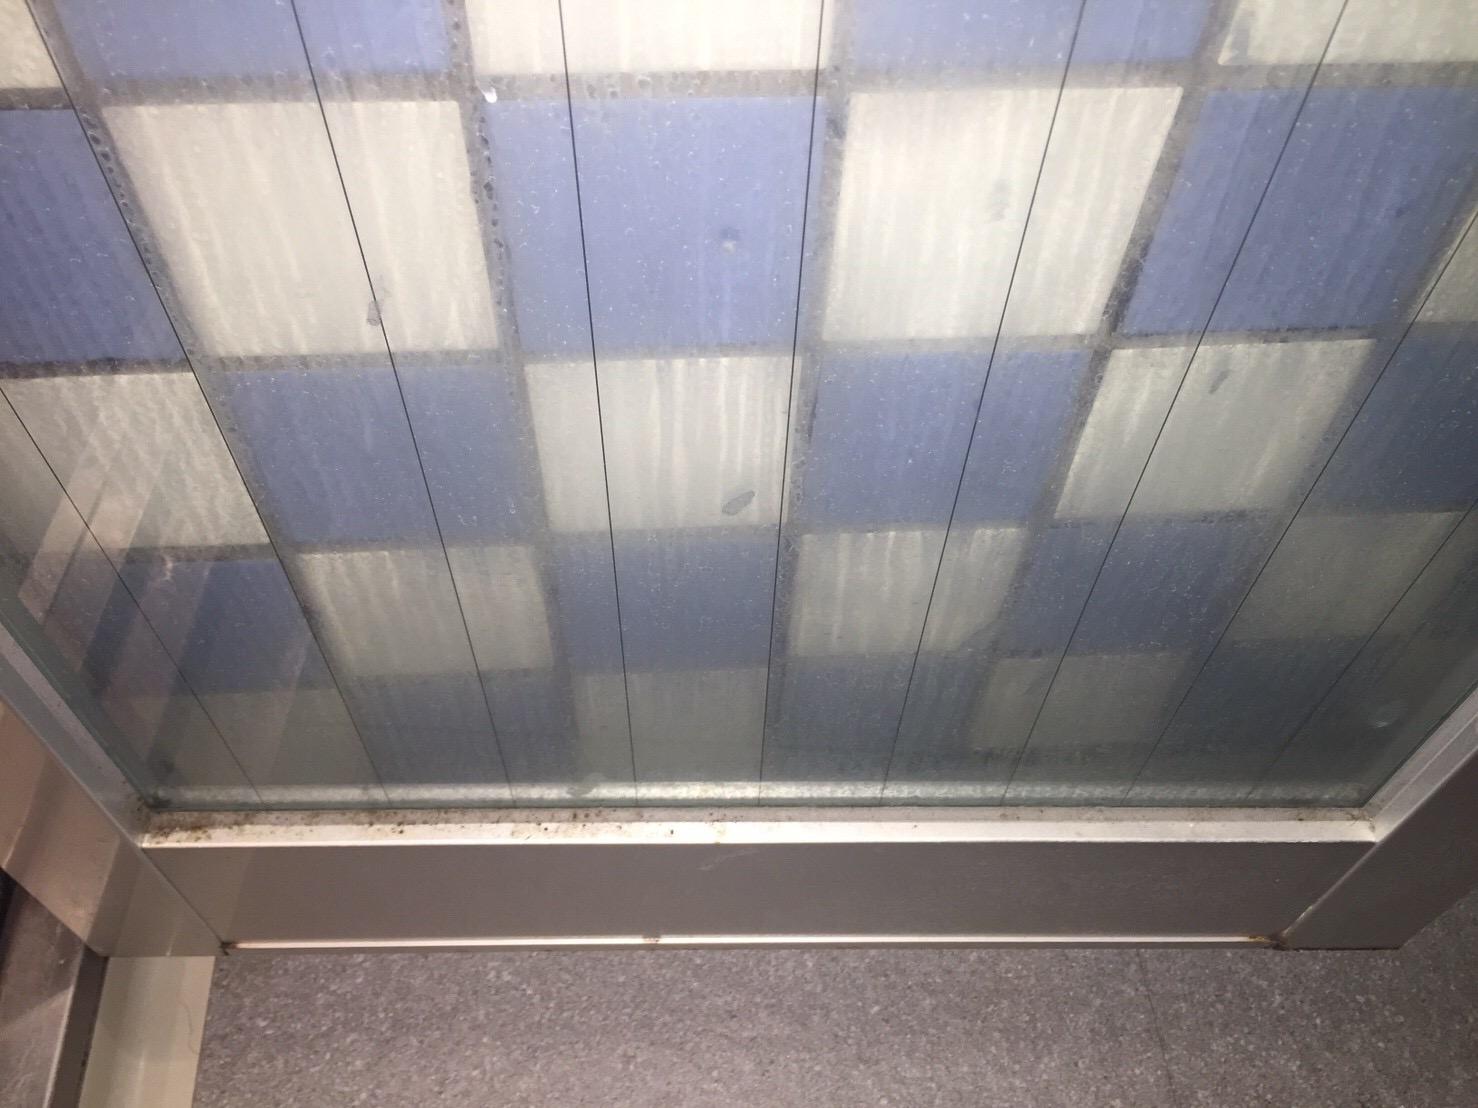 伊丹市 ハウスクリーニング/扉のカビや水垢等のしつこい汚れを徹底洗浄!